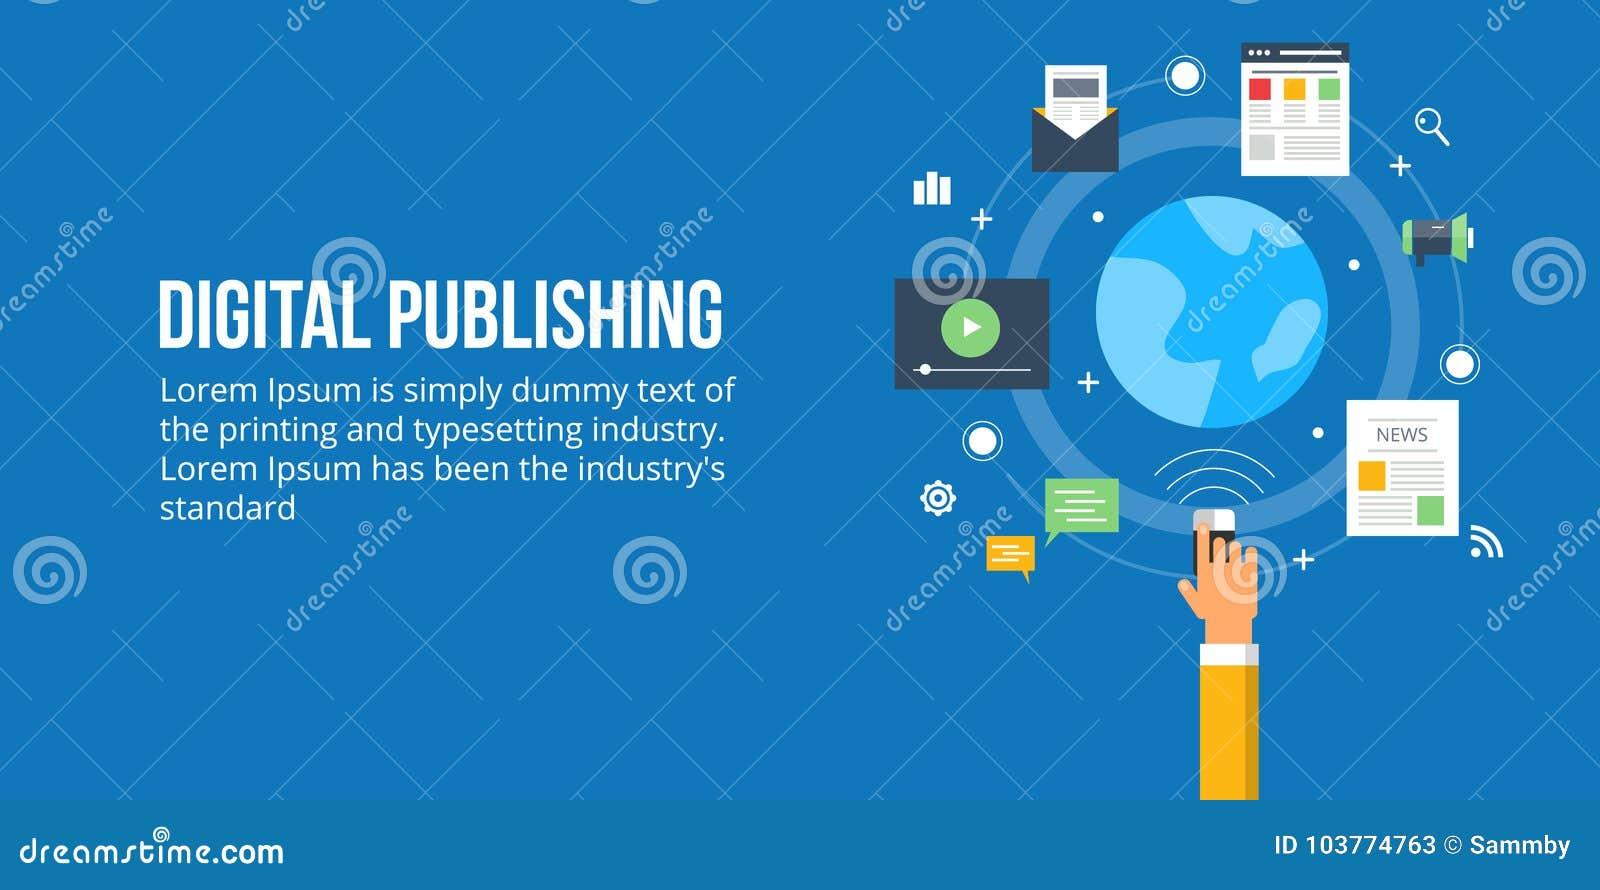 Digitaces que publican - medios publicación contenta concepto de diseño plano